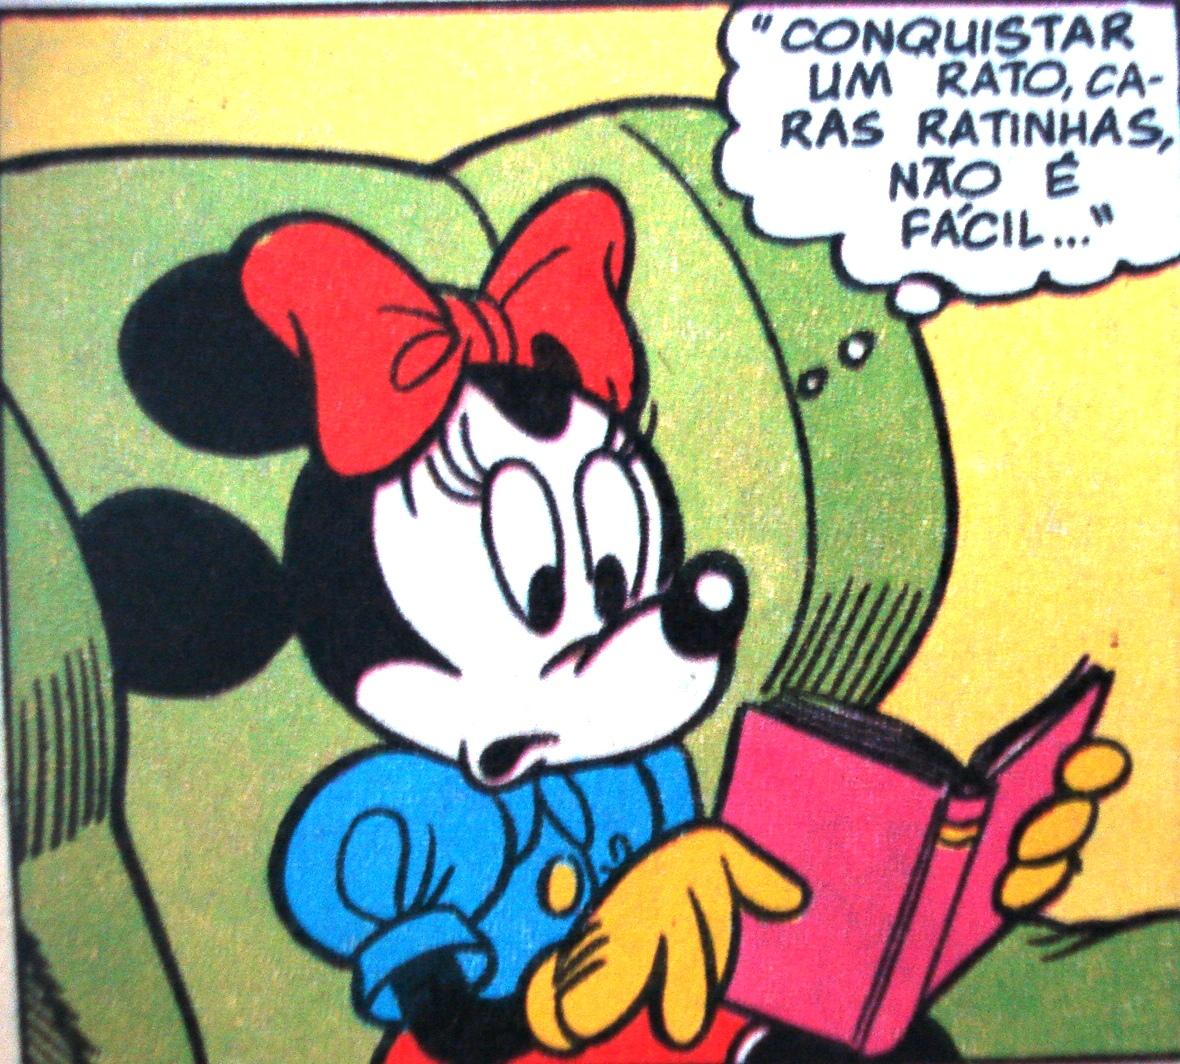 As Melhores Frases De Abertura De Romance Em Língua Portuguesa Dê O